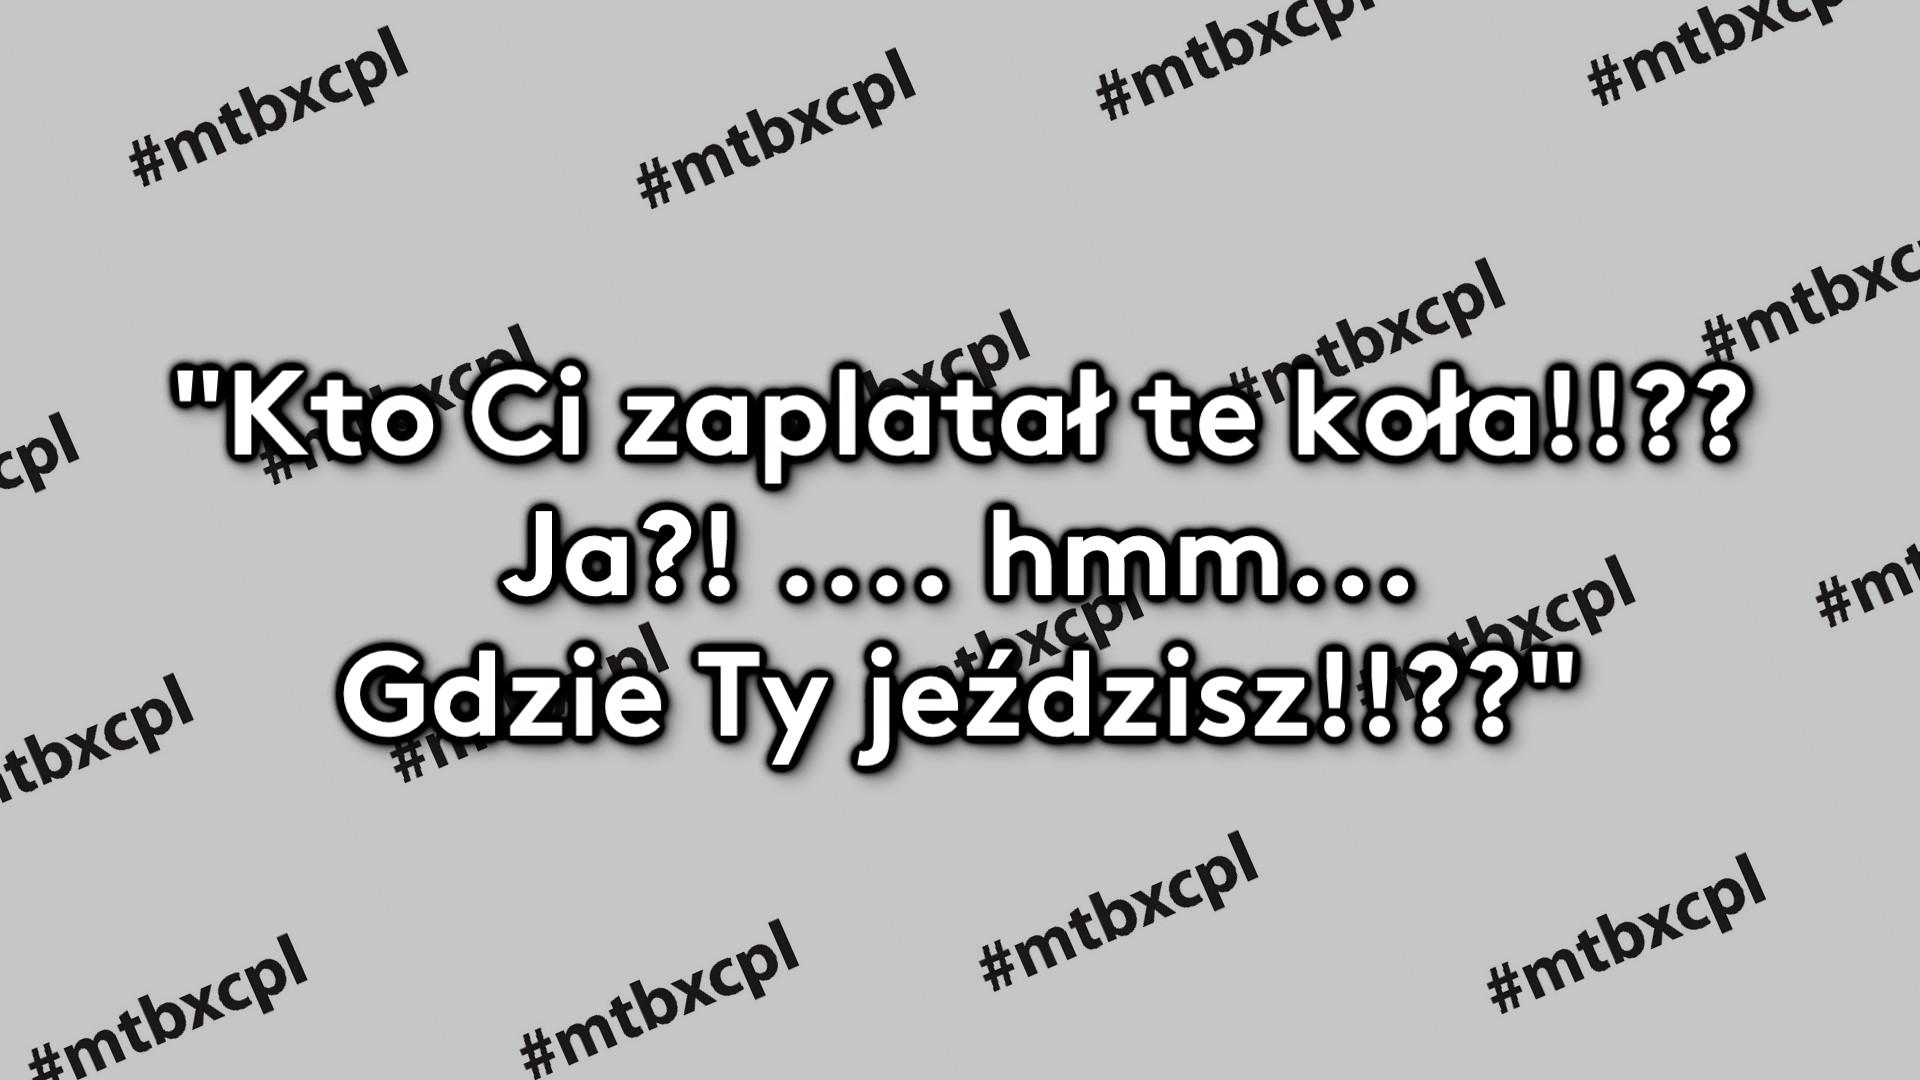 tekst mtbxcpl_000008